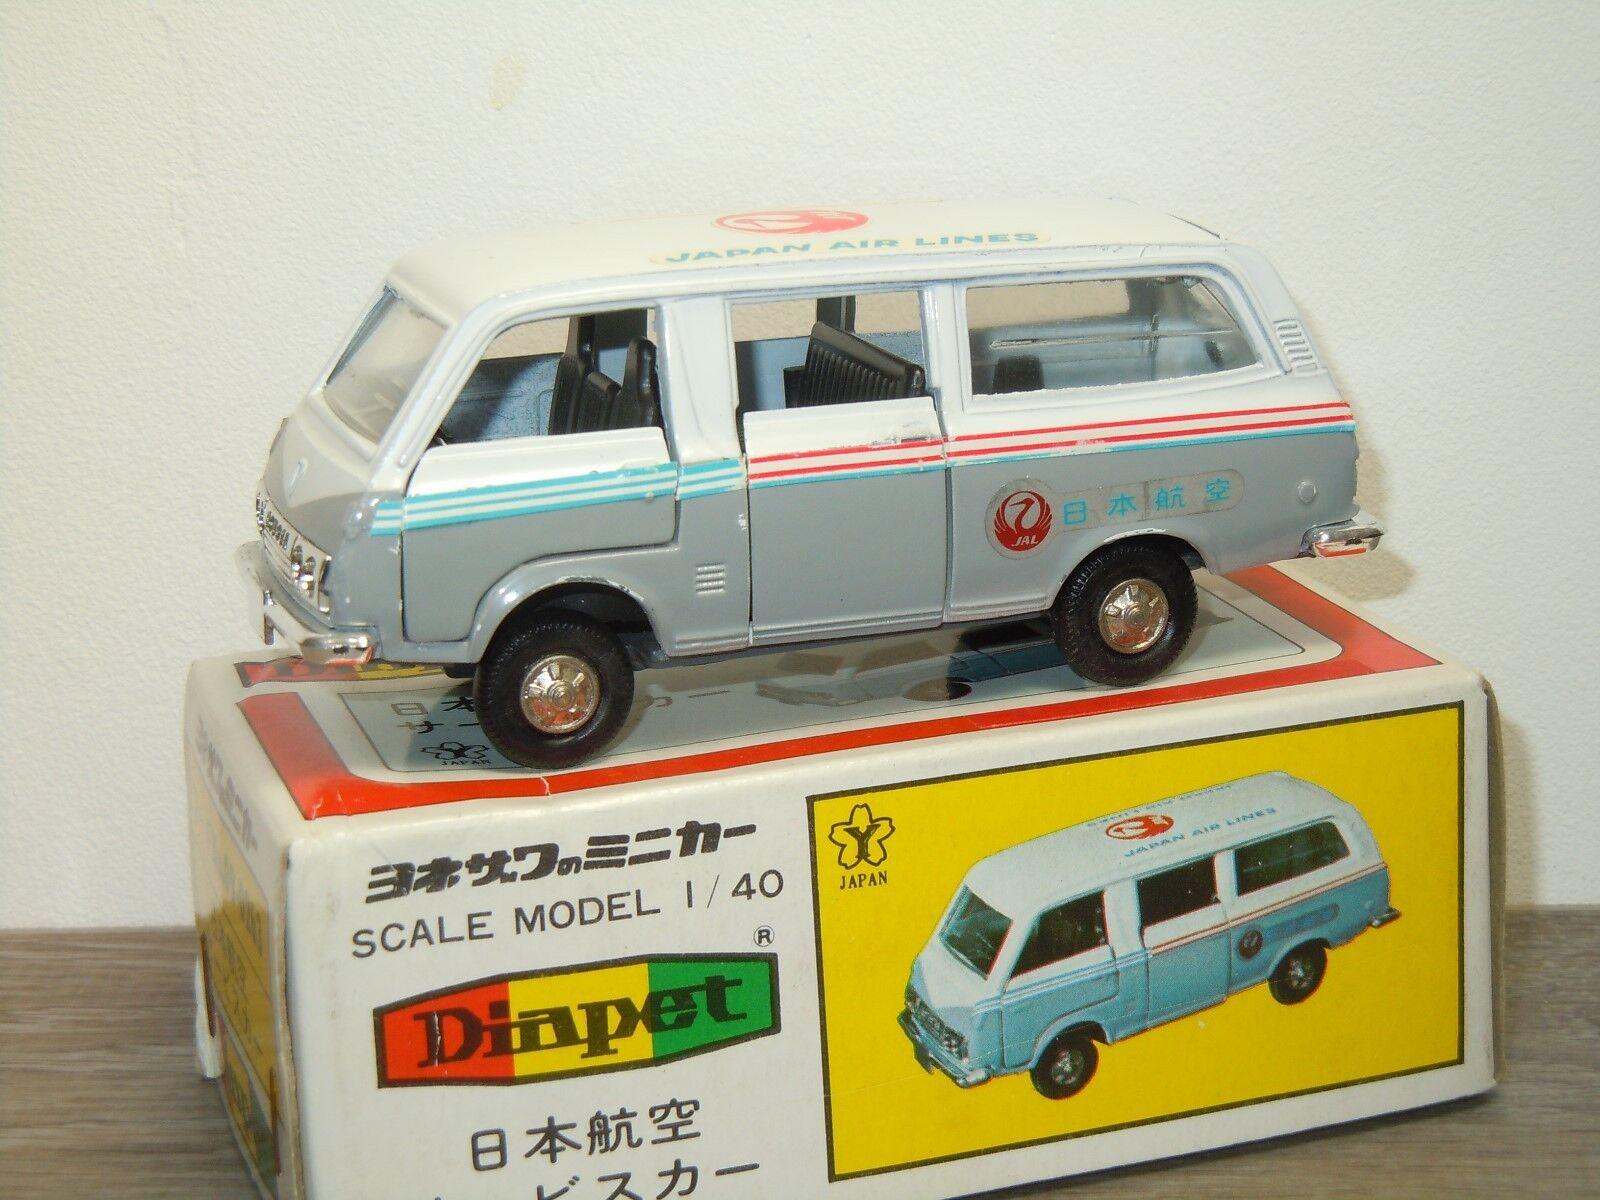 Toyota Hiace Japan Air Lines - Diapet Yonezawa Toys Japan  1 40 in Box 33001  profitez d'une réduction de 30 à 50%